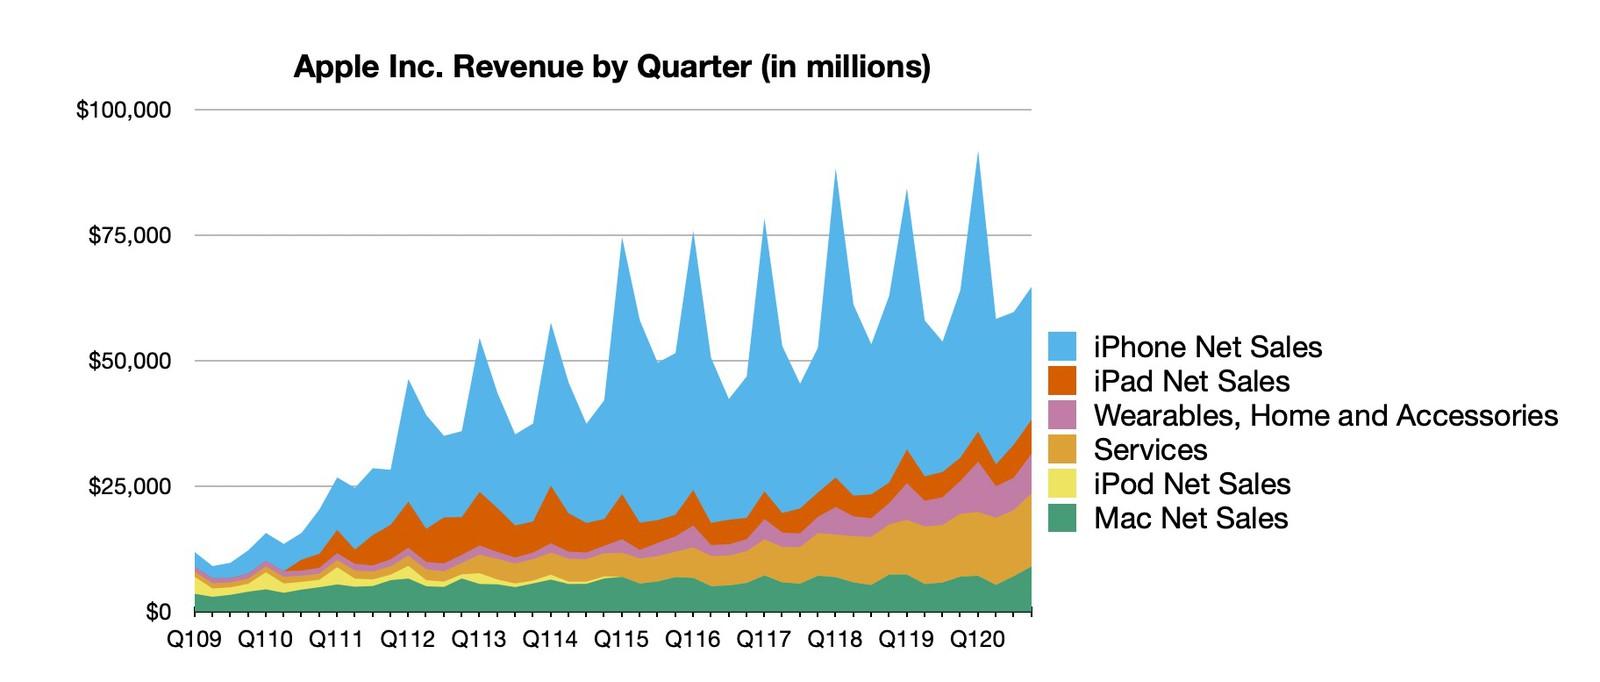 Evolución de la facturación de Apple con datos actualizados hasta el trimestre de julio, agosto y septiembre de 2020